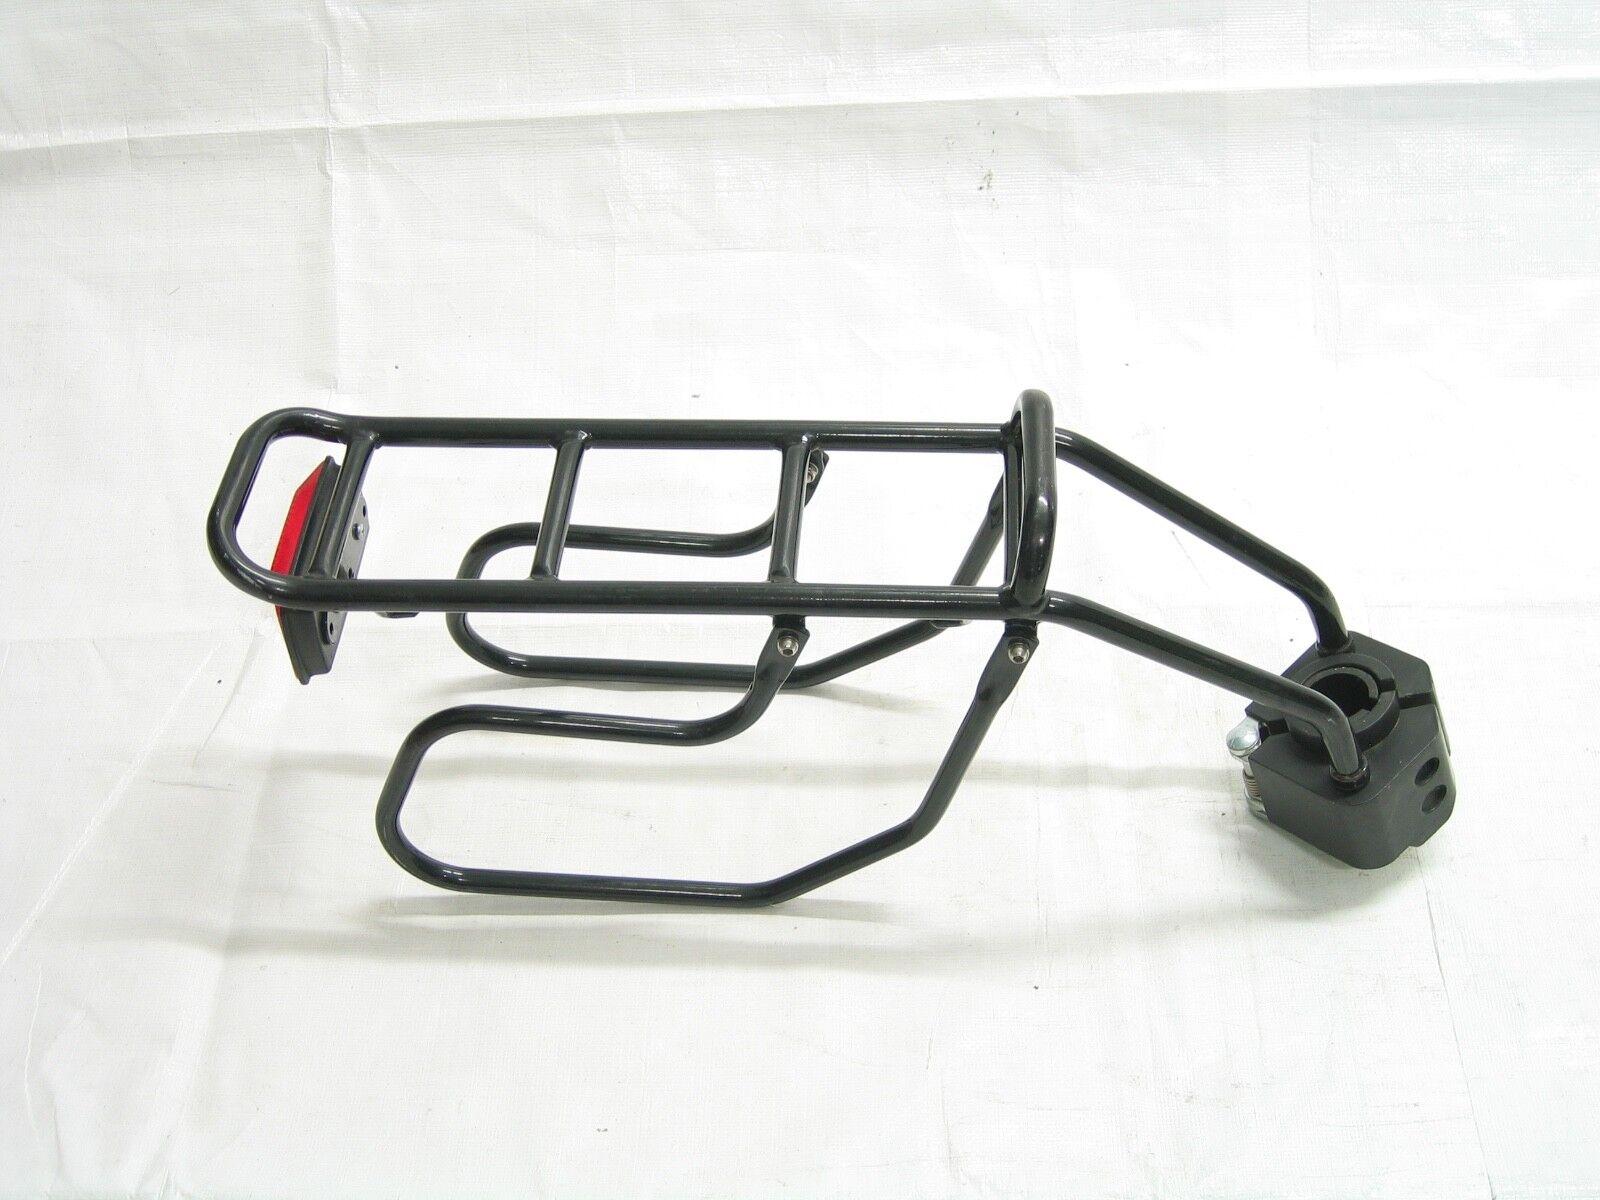 Portaequipajes con soporte para segunda bicicleta romanos asiento para niños niños soporte para asiento